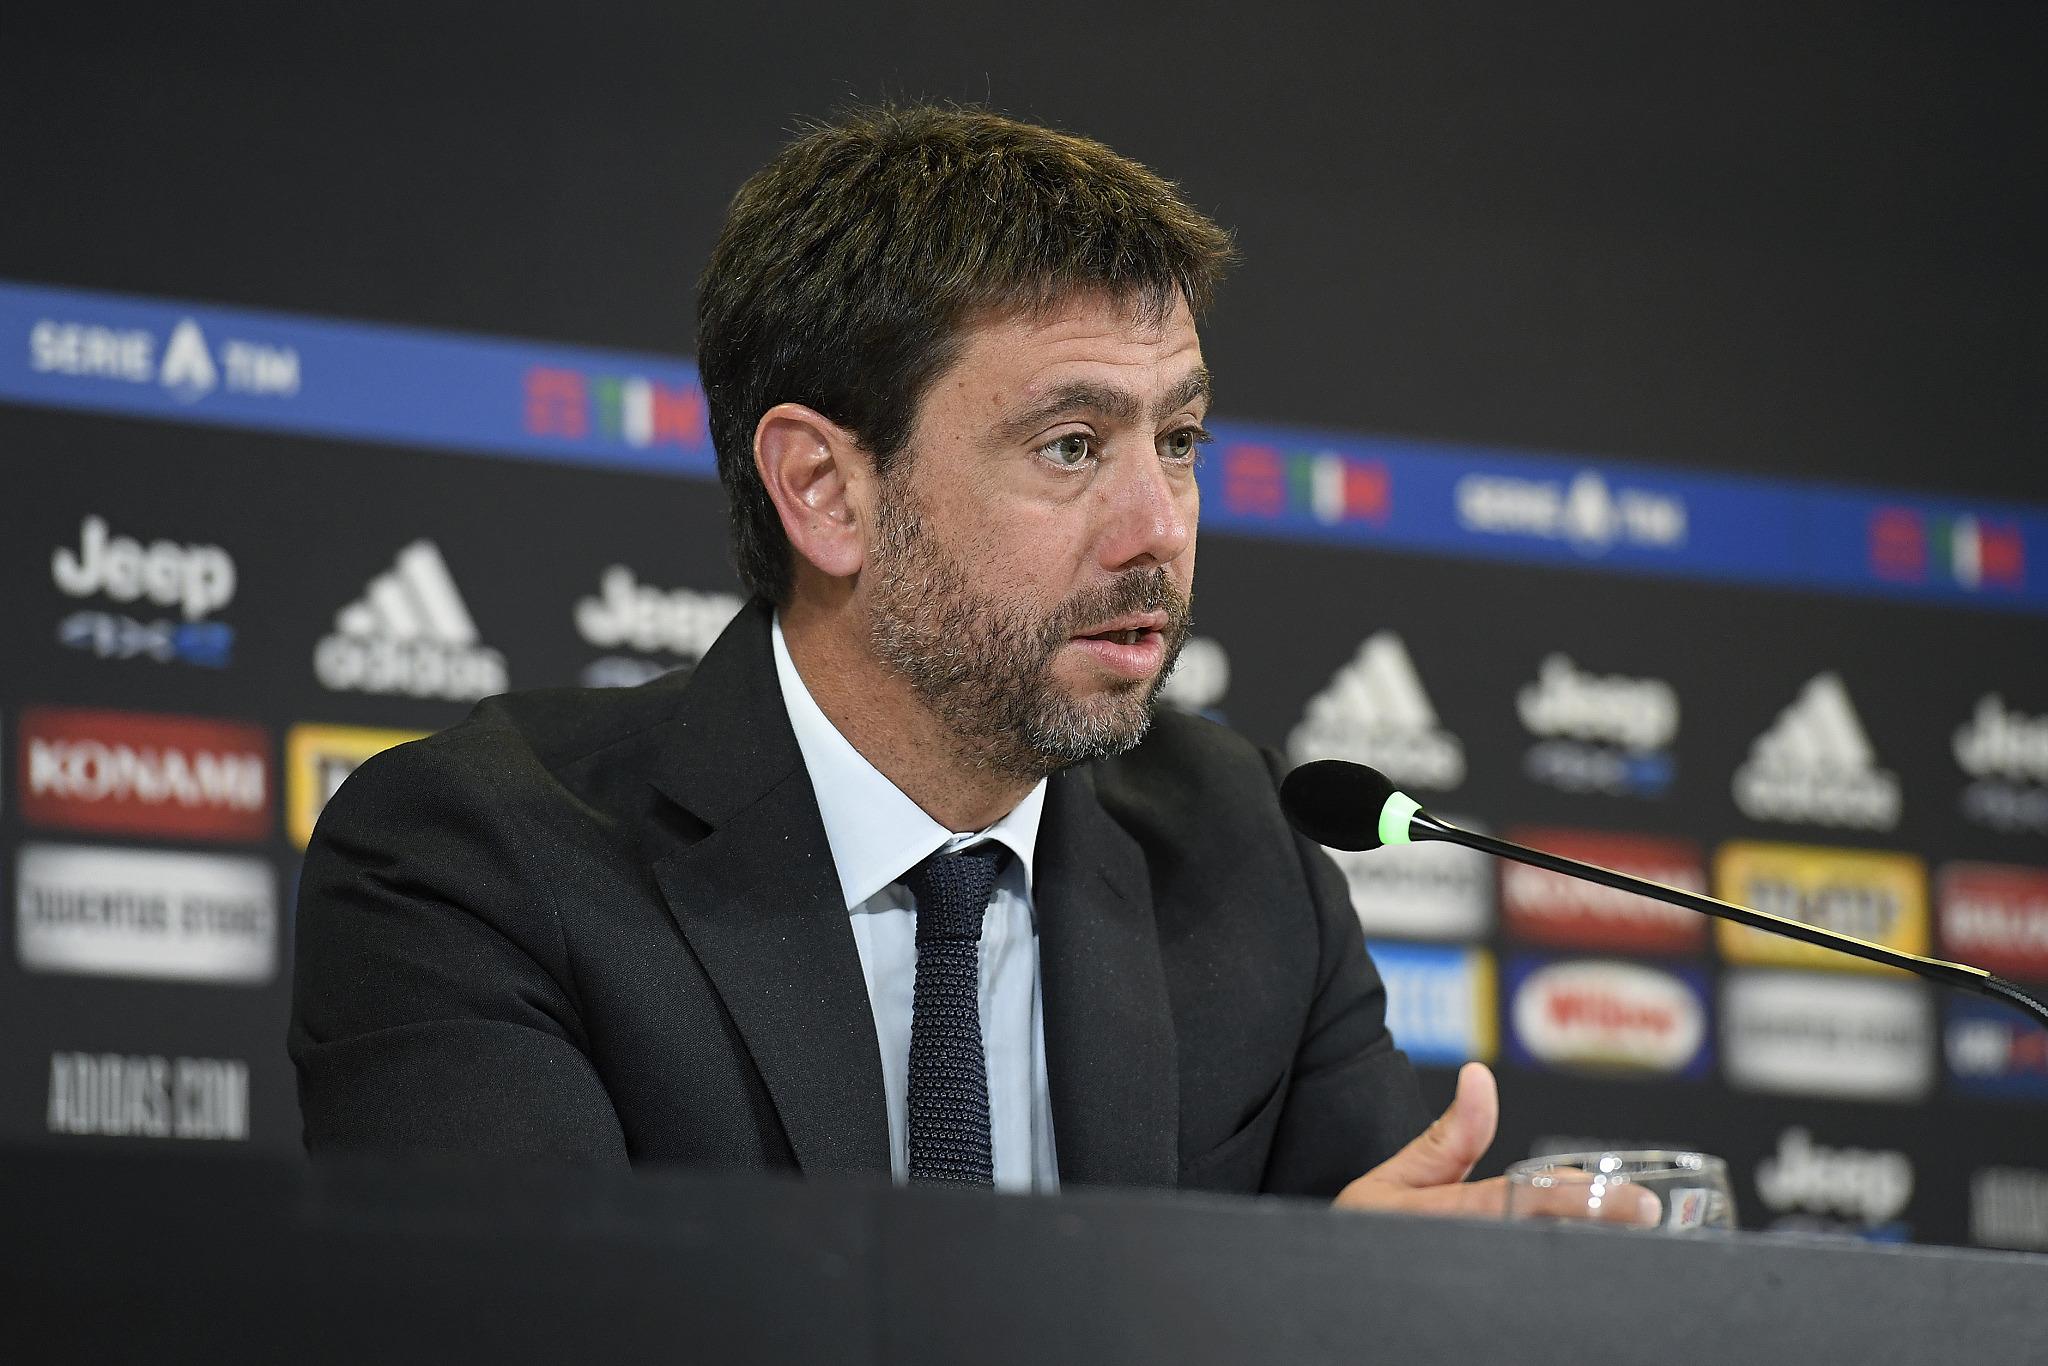 Les clubs européens font face à des pertes allant jusqu'à 10,3 milliards de dollars en raison du COVID-19  - Foot 2020